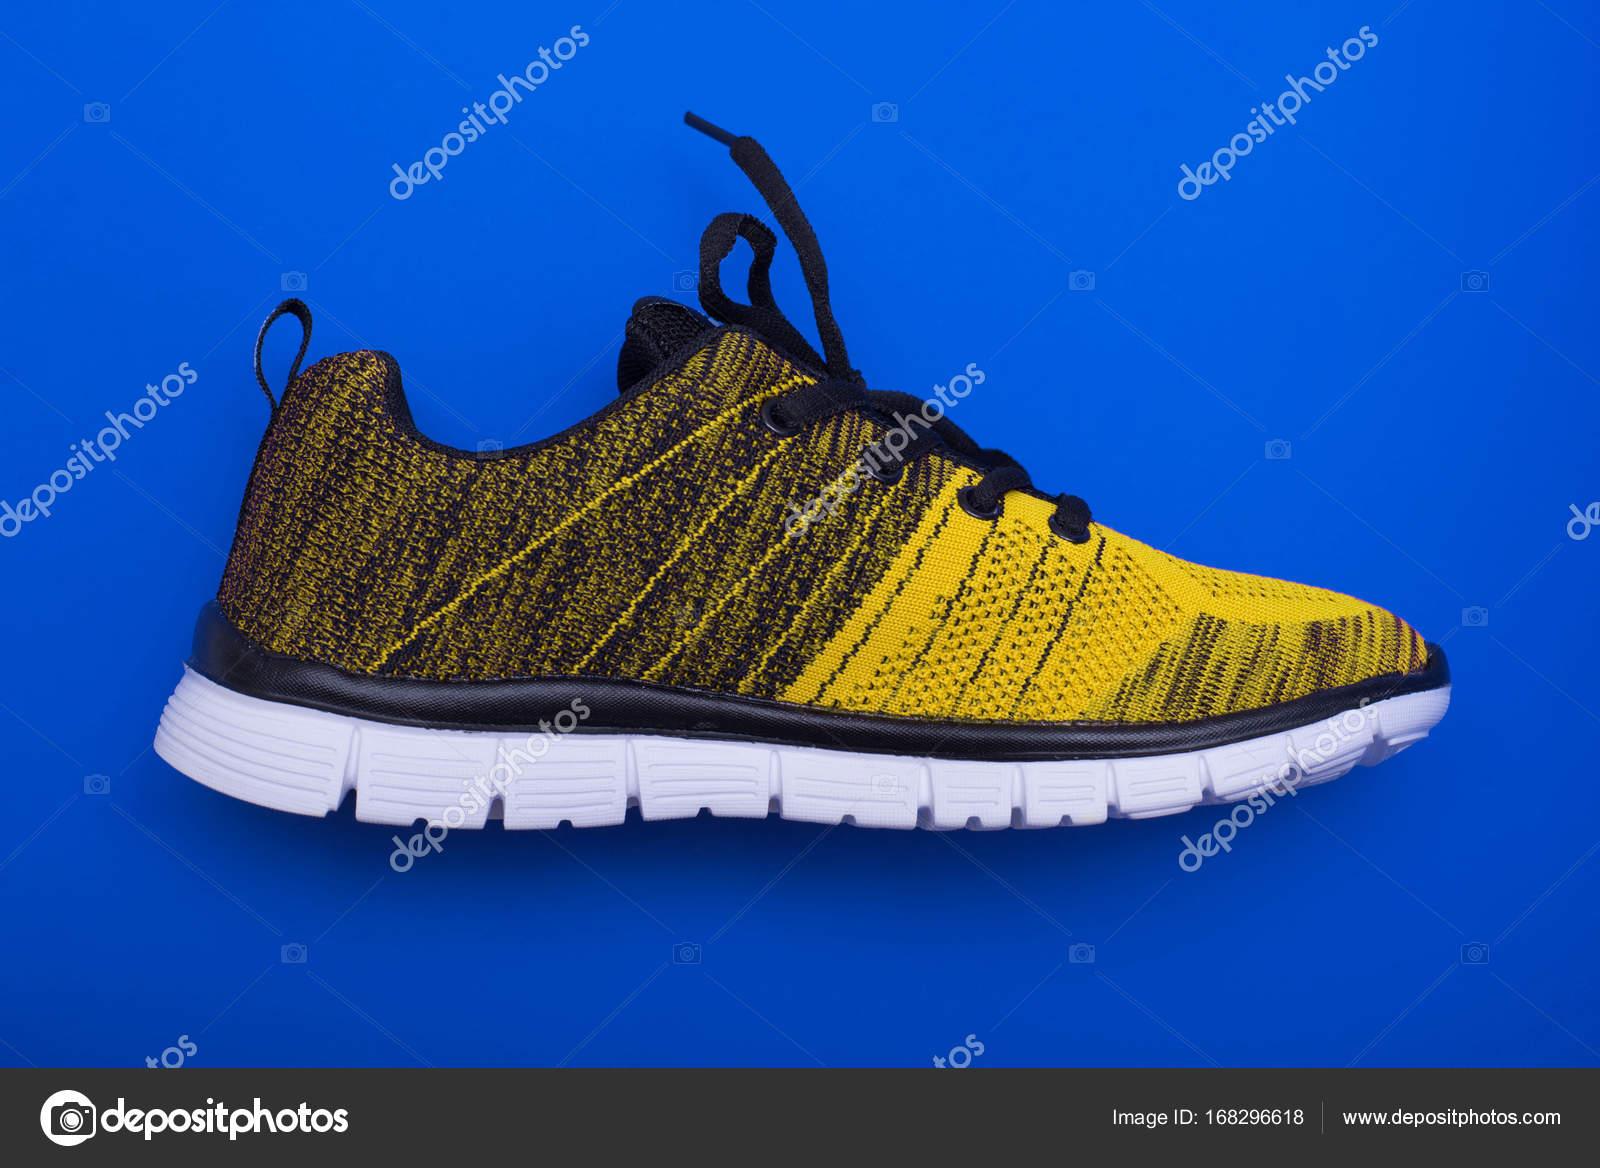 a5f3e59eaa3 Κίτρινο και μαύρο αθλητικά παπούτσια γυναίκα απομονωμένη σε μπλε ...